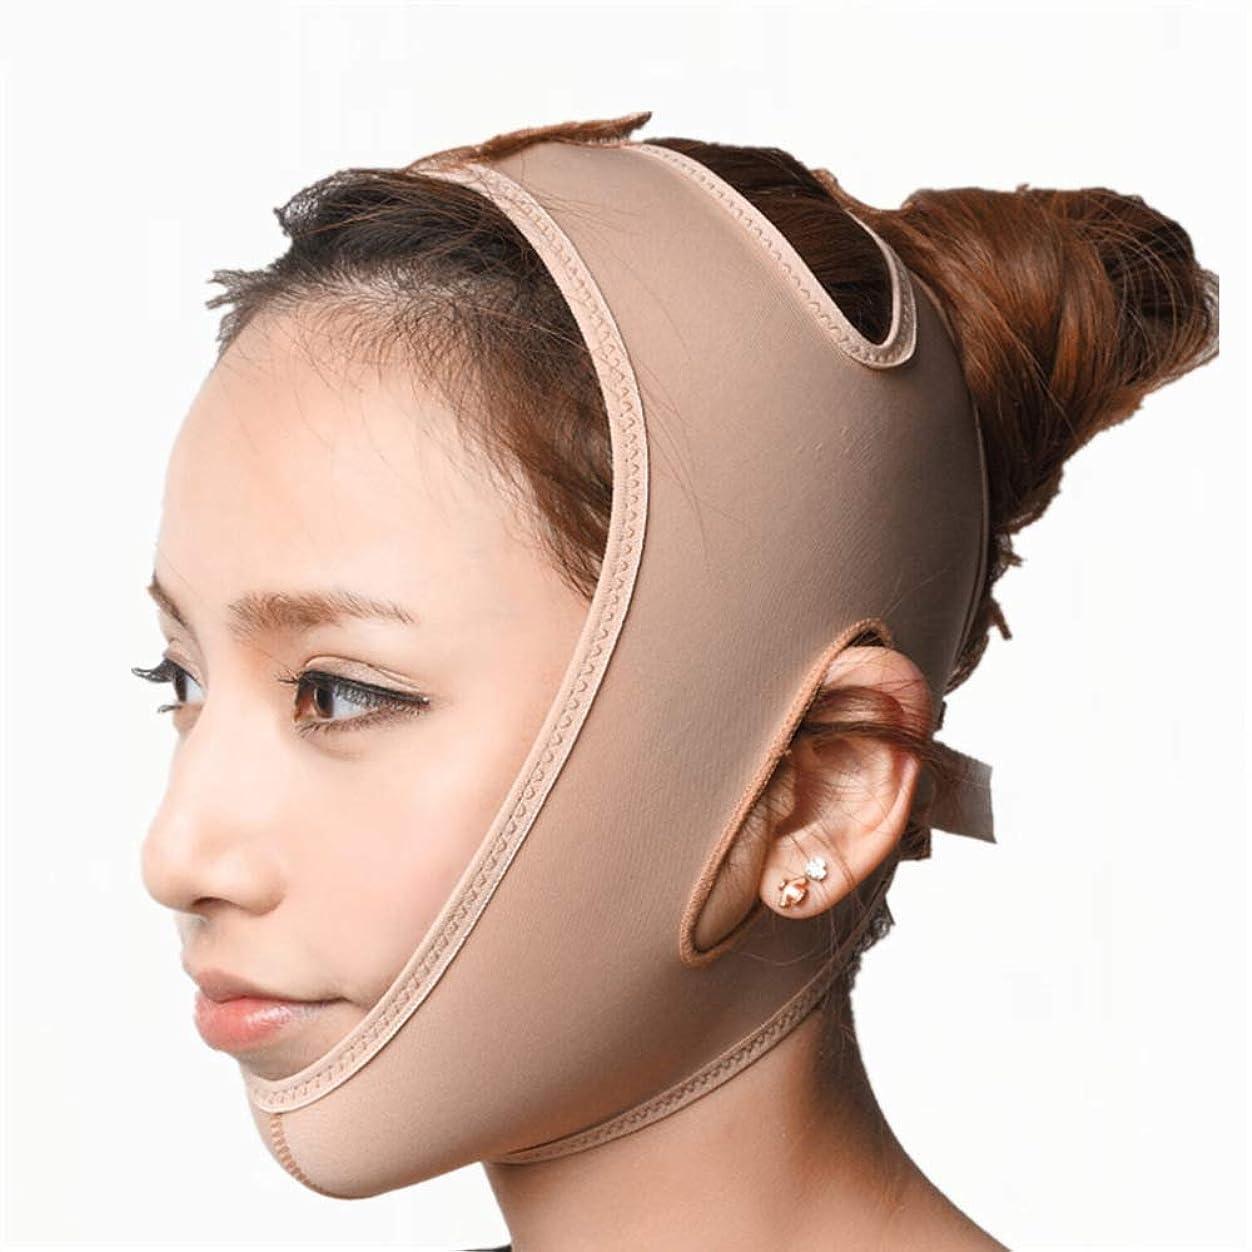 ただ排除乳Jia Jia- 顔の持ち上がる痩身ベルト - アンチエイジングリンクルフェイスマスクベルトシンフェイス包帯整形マスクは顔と首を締めますフェイススリム 顔面包帯 (サイズ さいず : M)